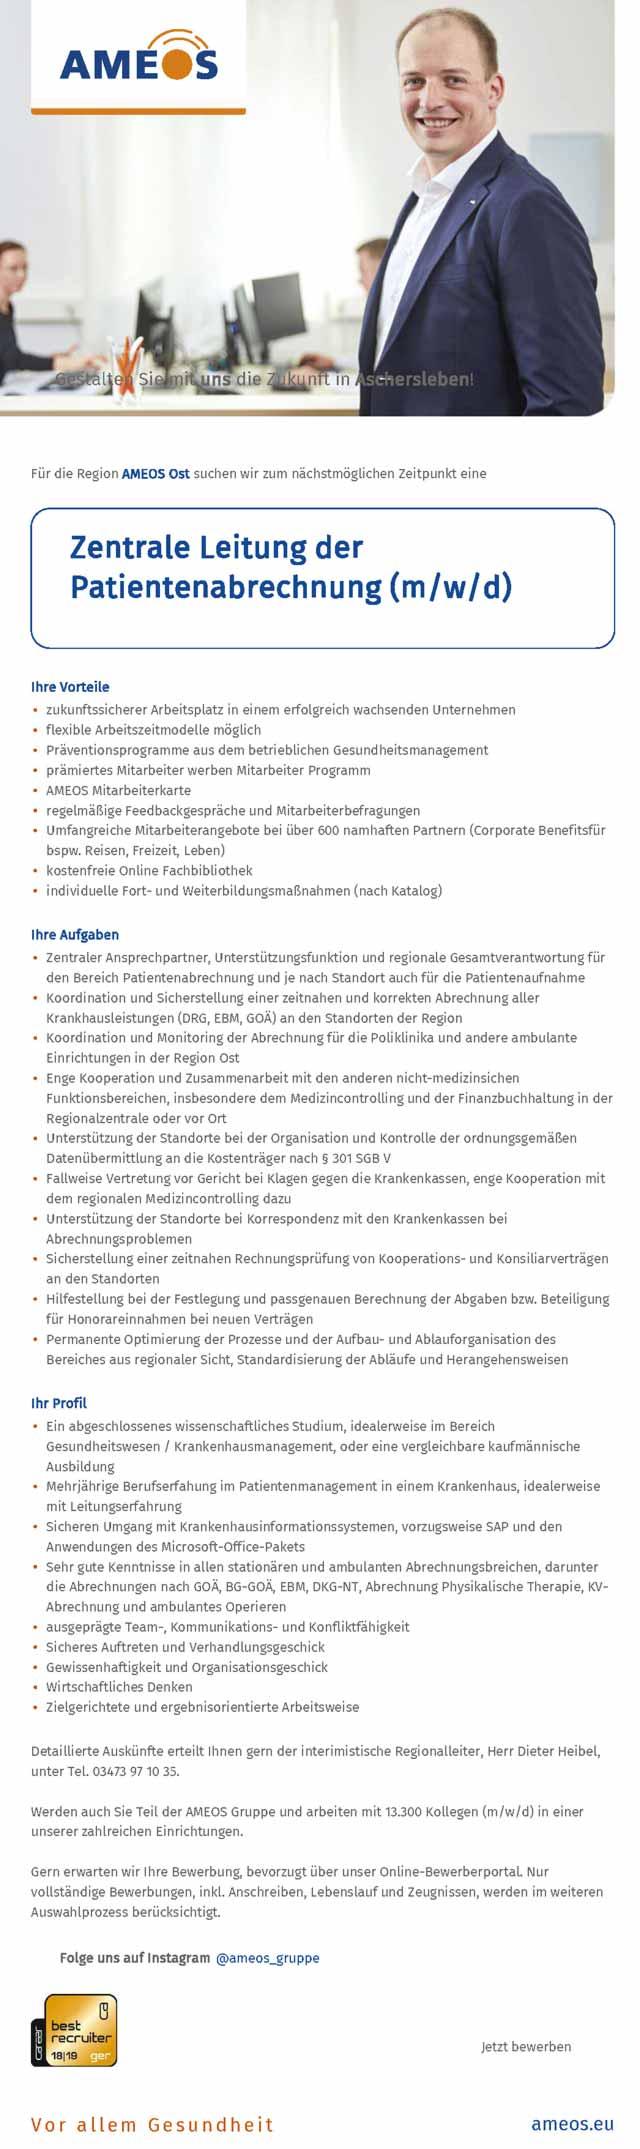 Ameos Ost Aschersleben: Zentrale Leitung Patientenabrechnung (m/w/d)